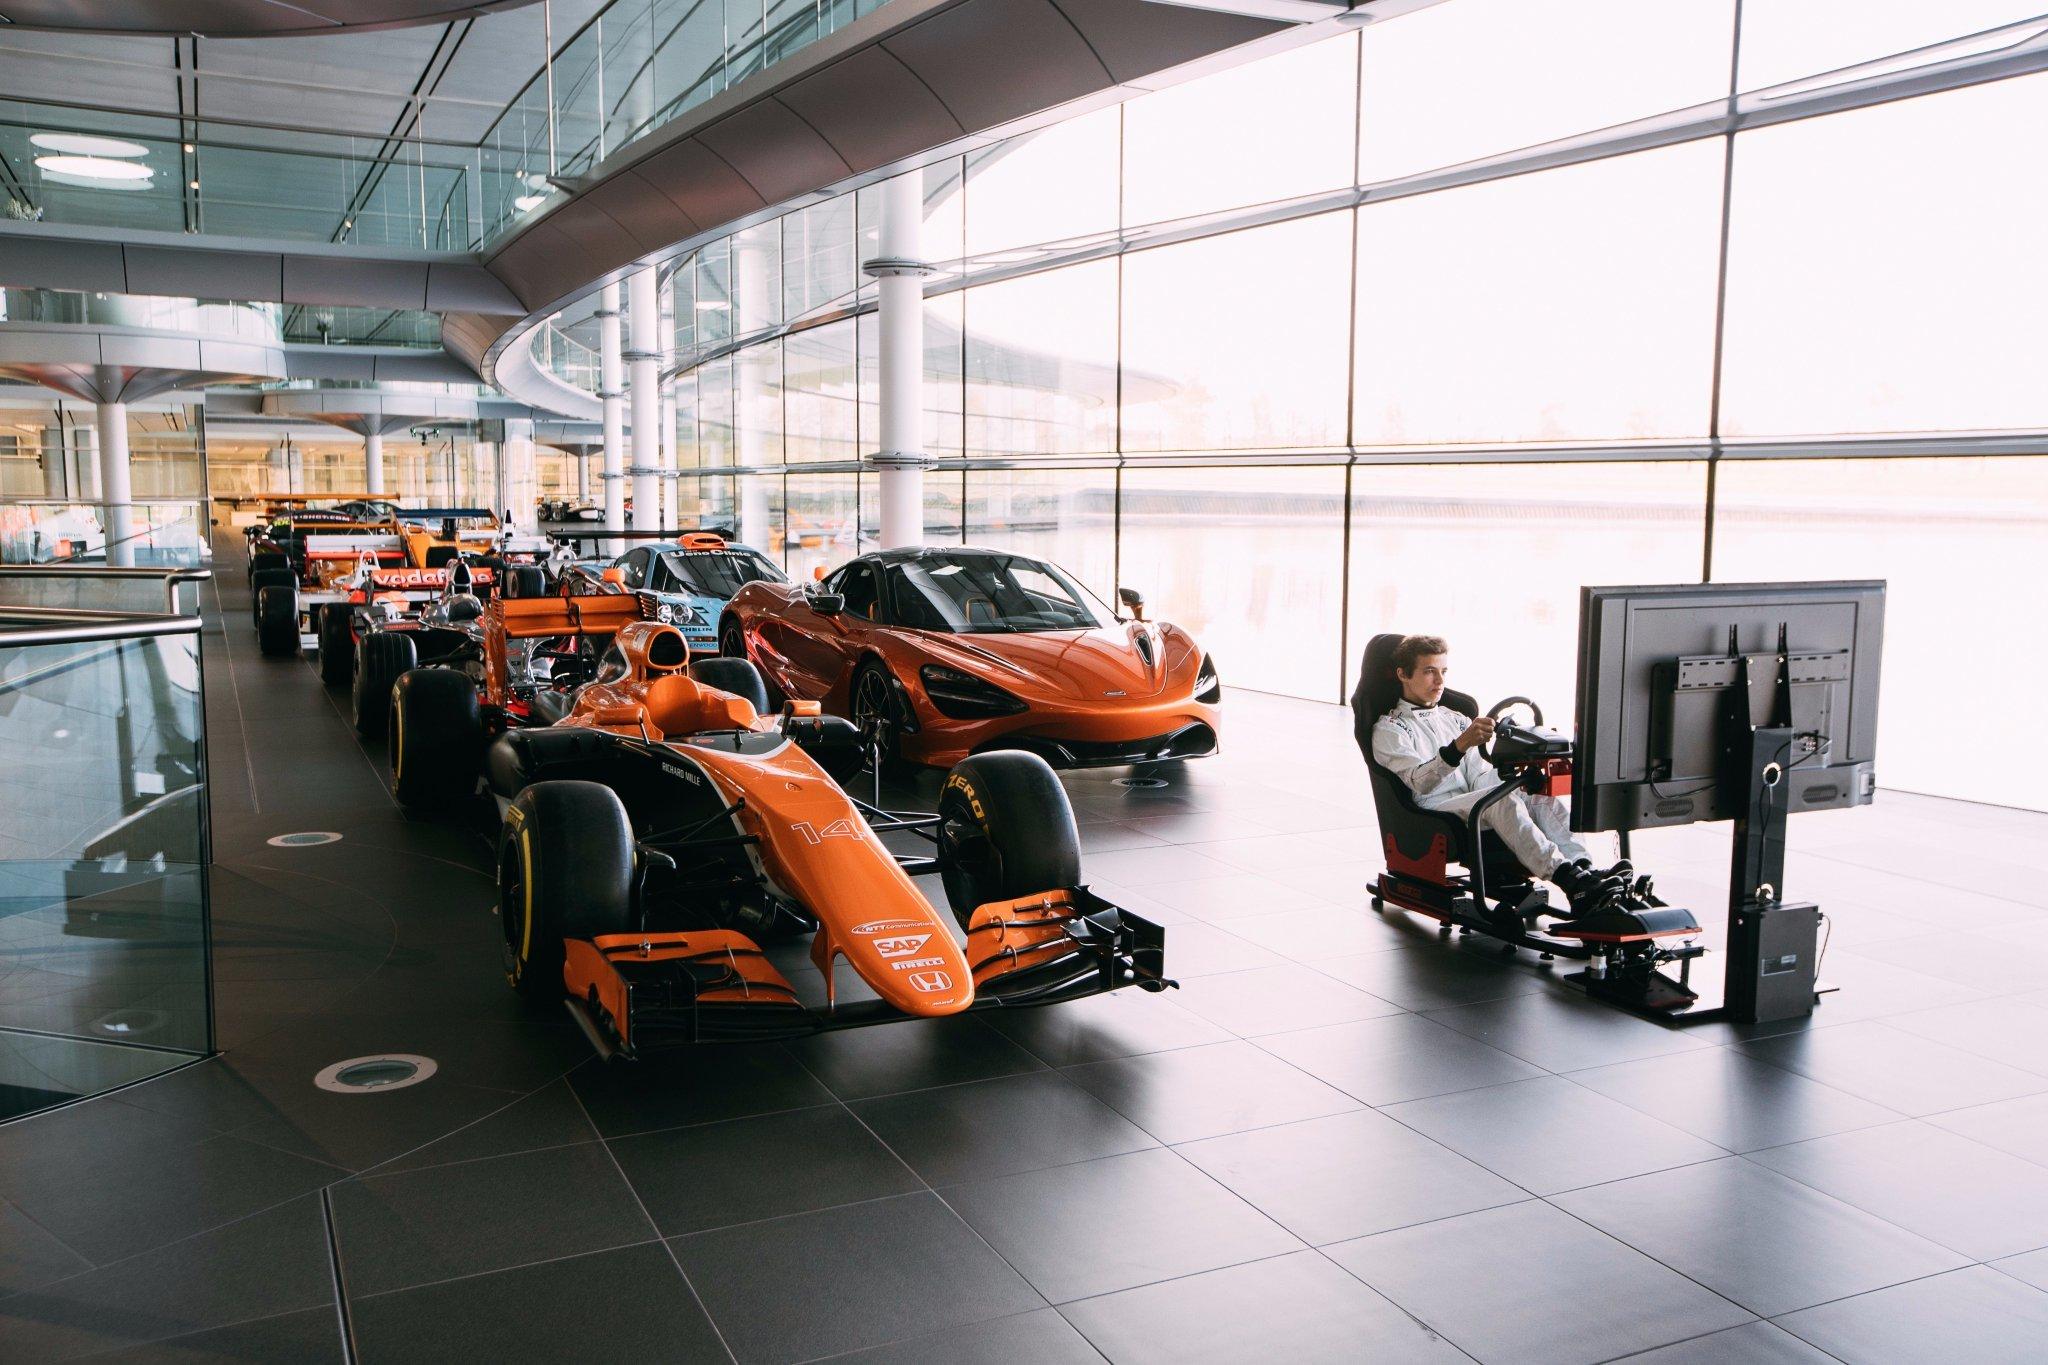 McLaren-Honda Logitech eSports event teaser image Twitter